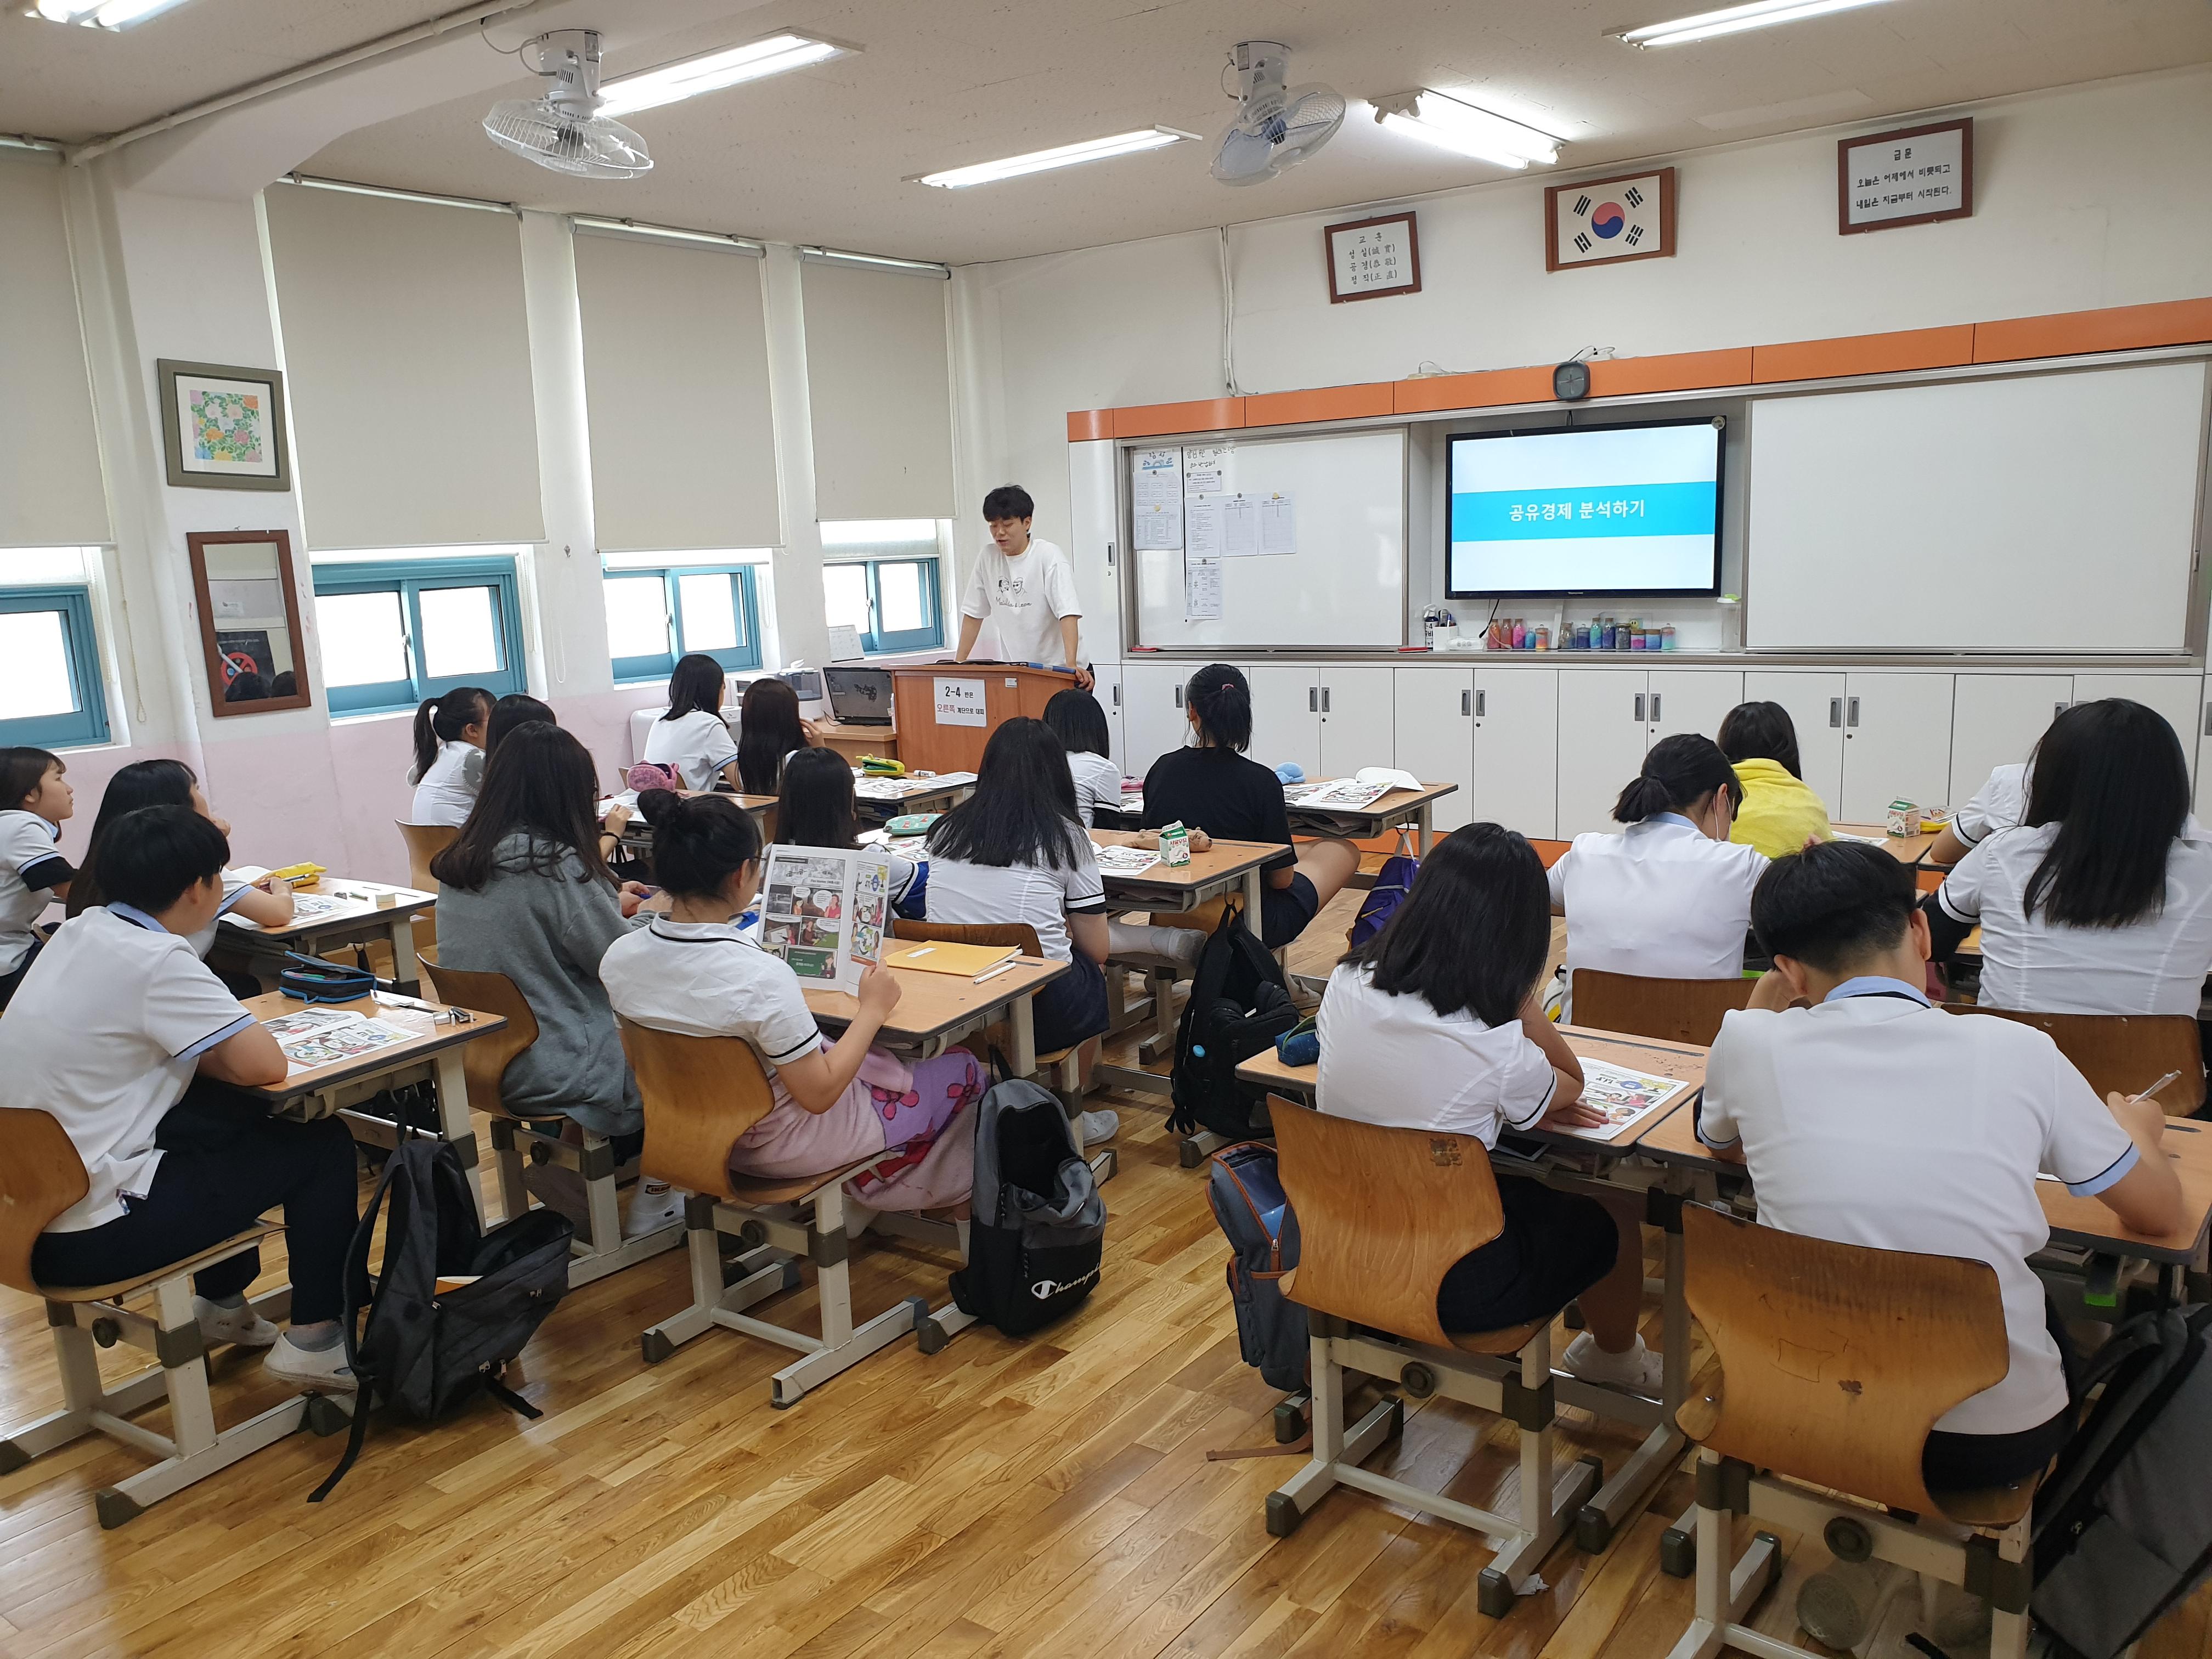 2019 용산구 '신광여자중학교' 공유경제 체험기